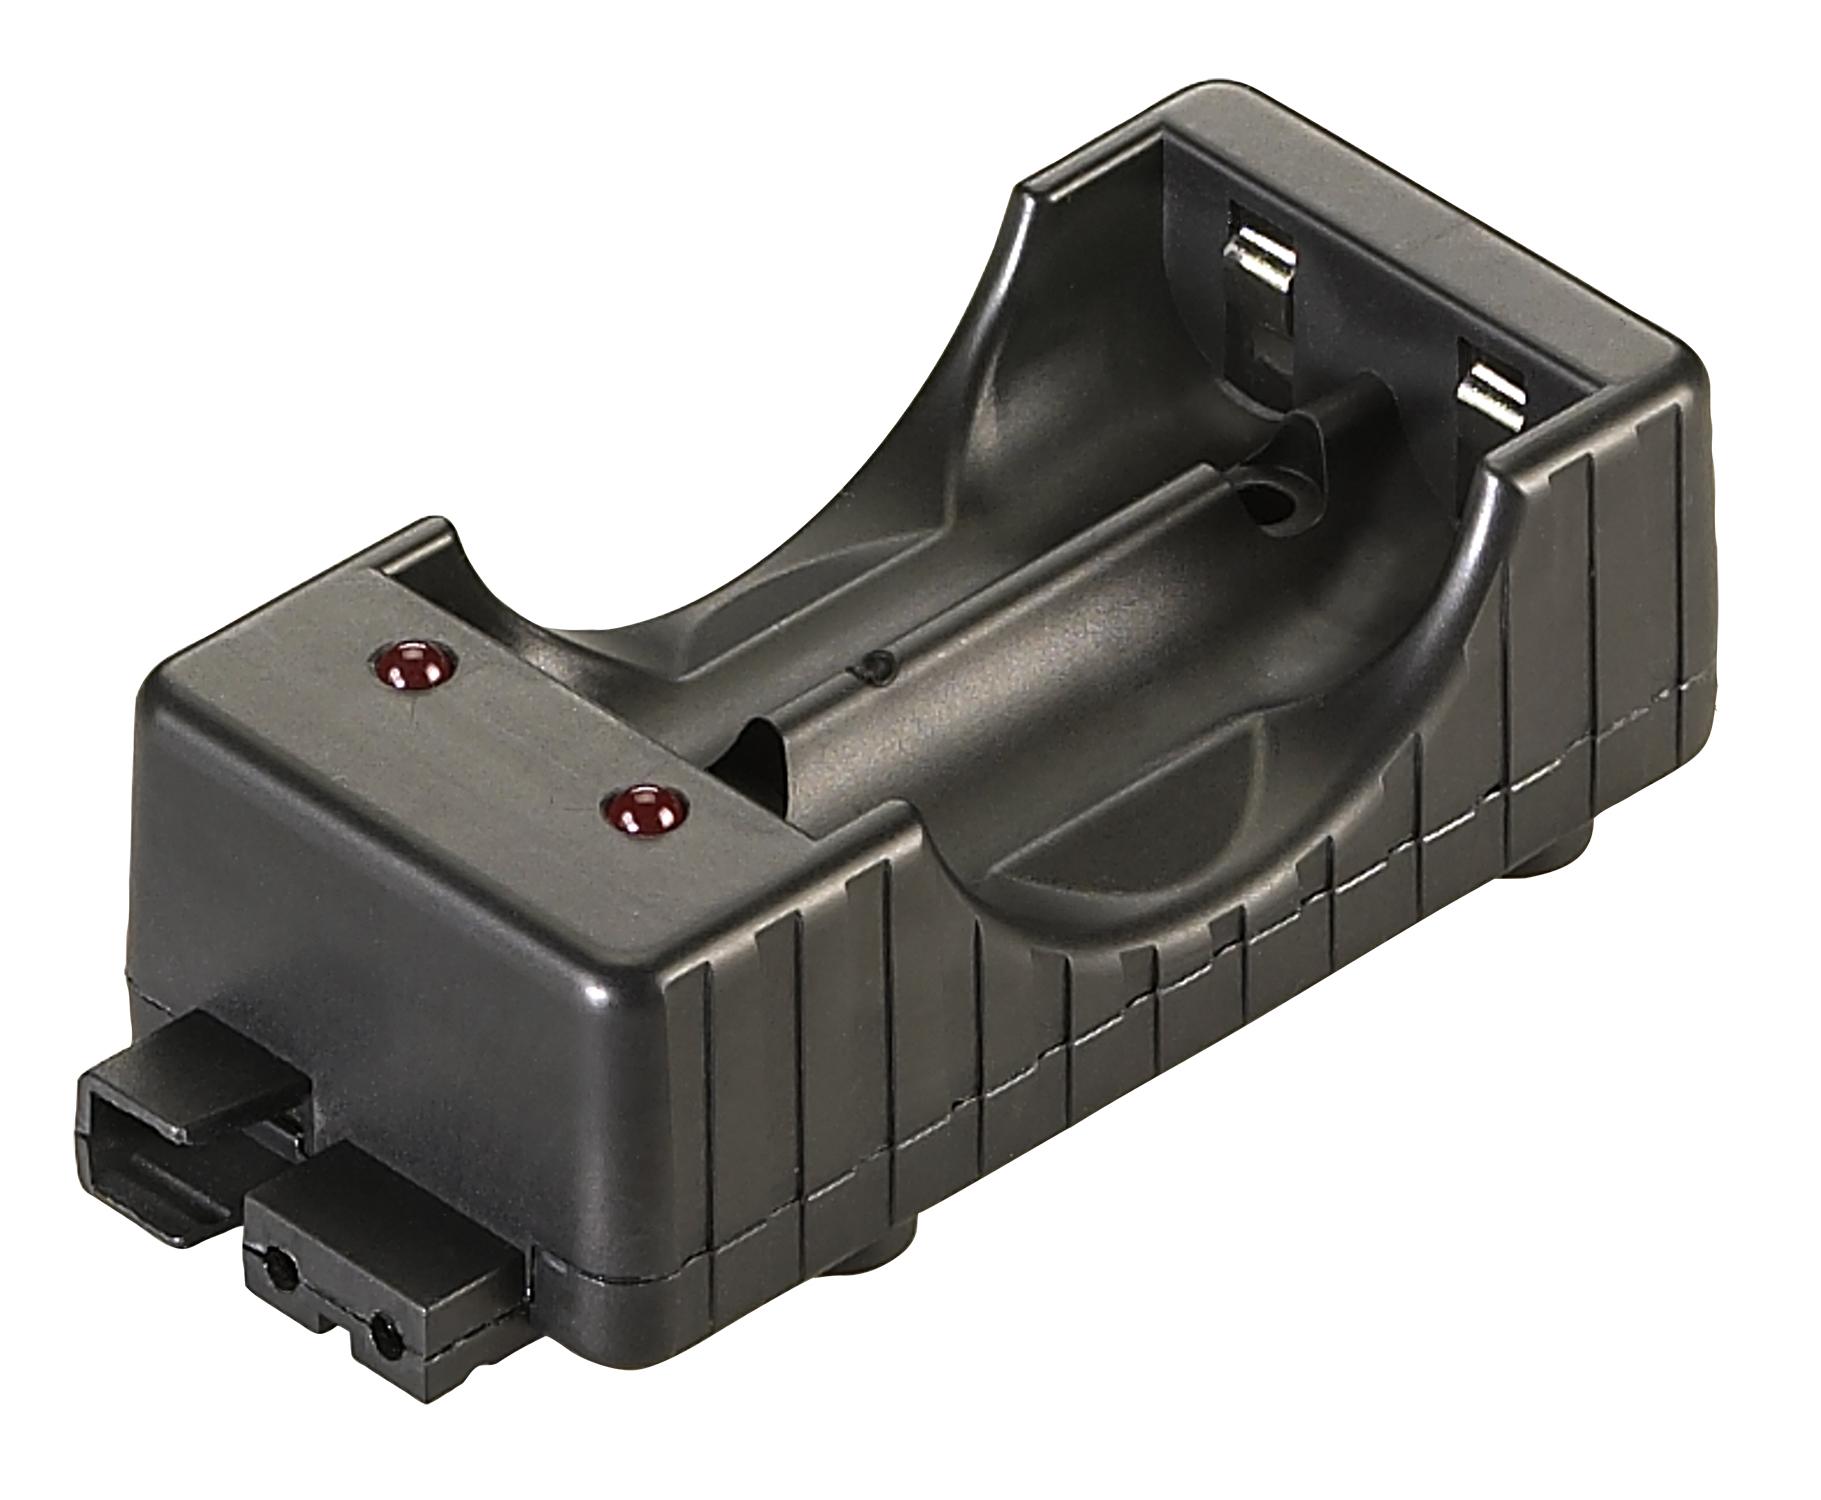 NOUVEAU STREAMLIGHT 22101 18650 recharge batterie